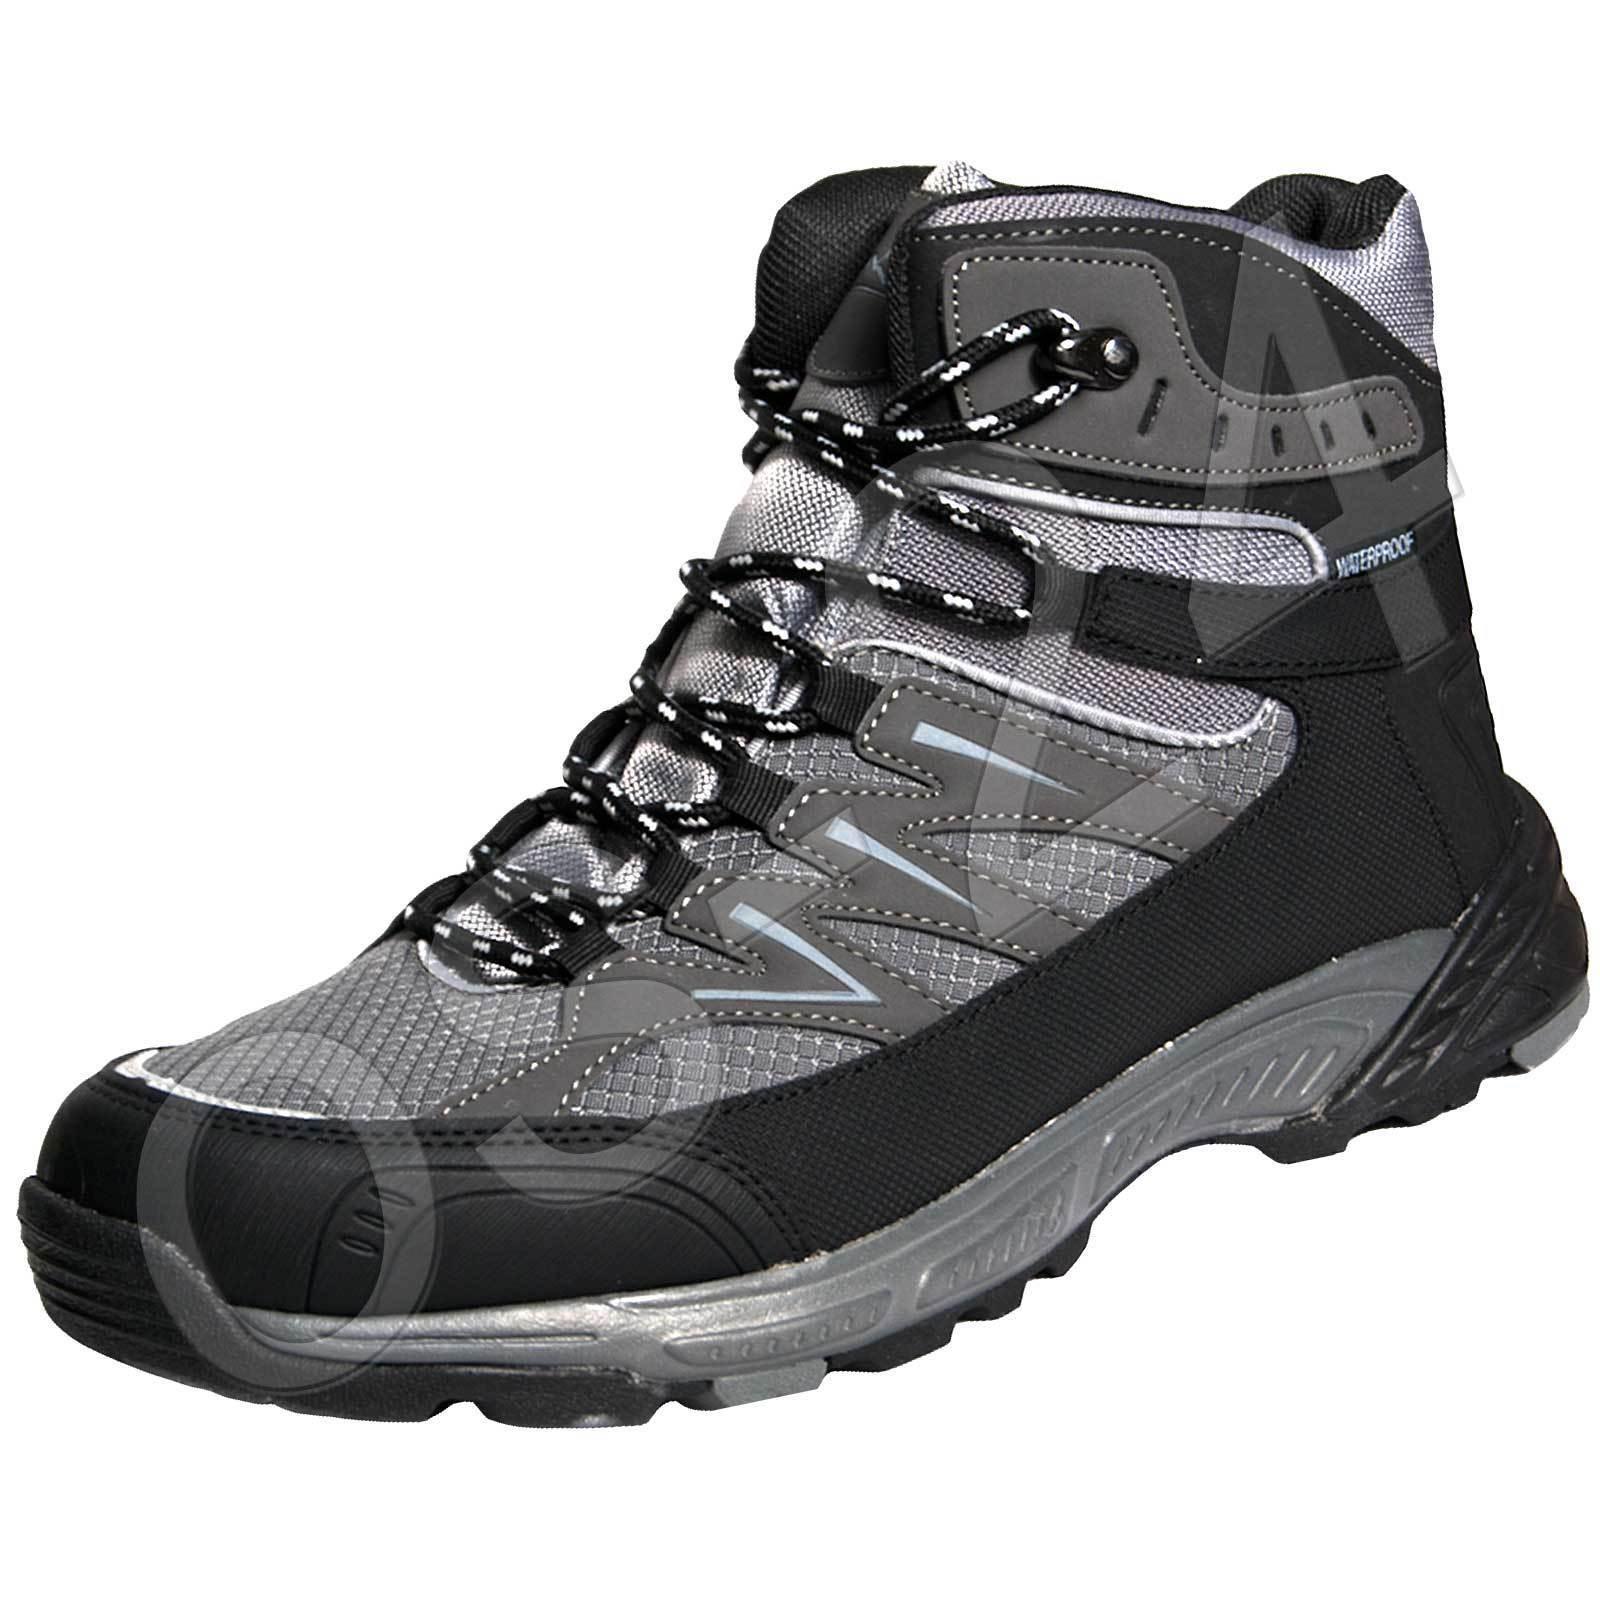 Herren Trekkingstiefel Trekkingschuhe Wanderstiefel Schuhe Gr.43 44